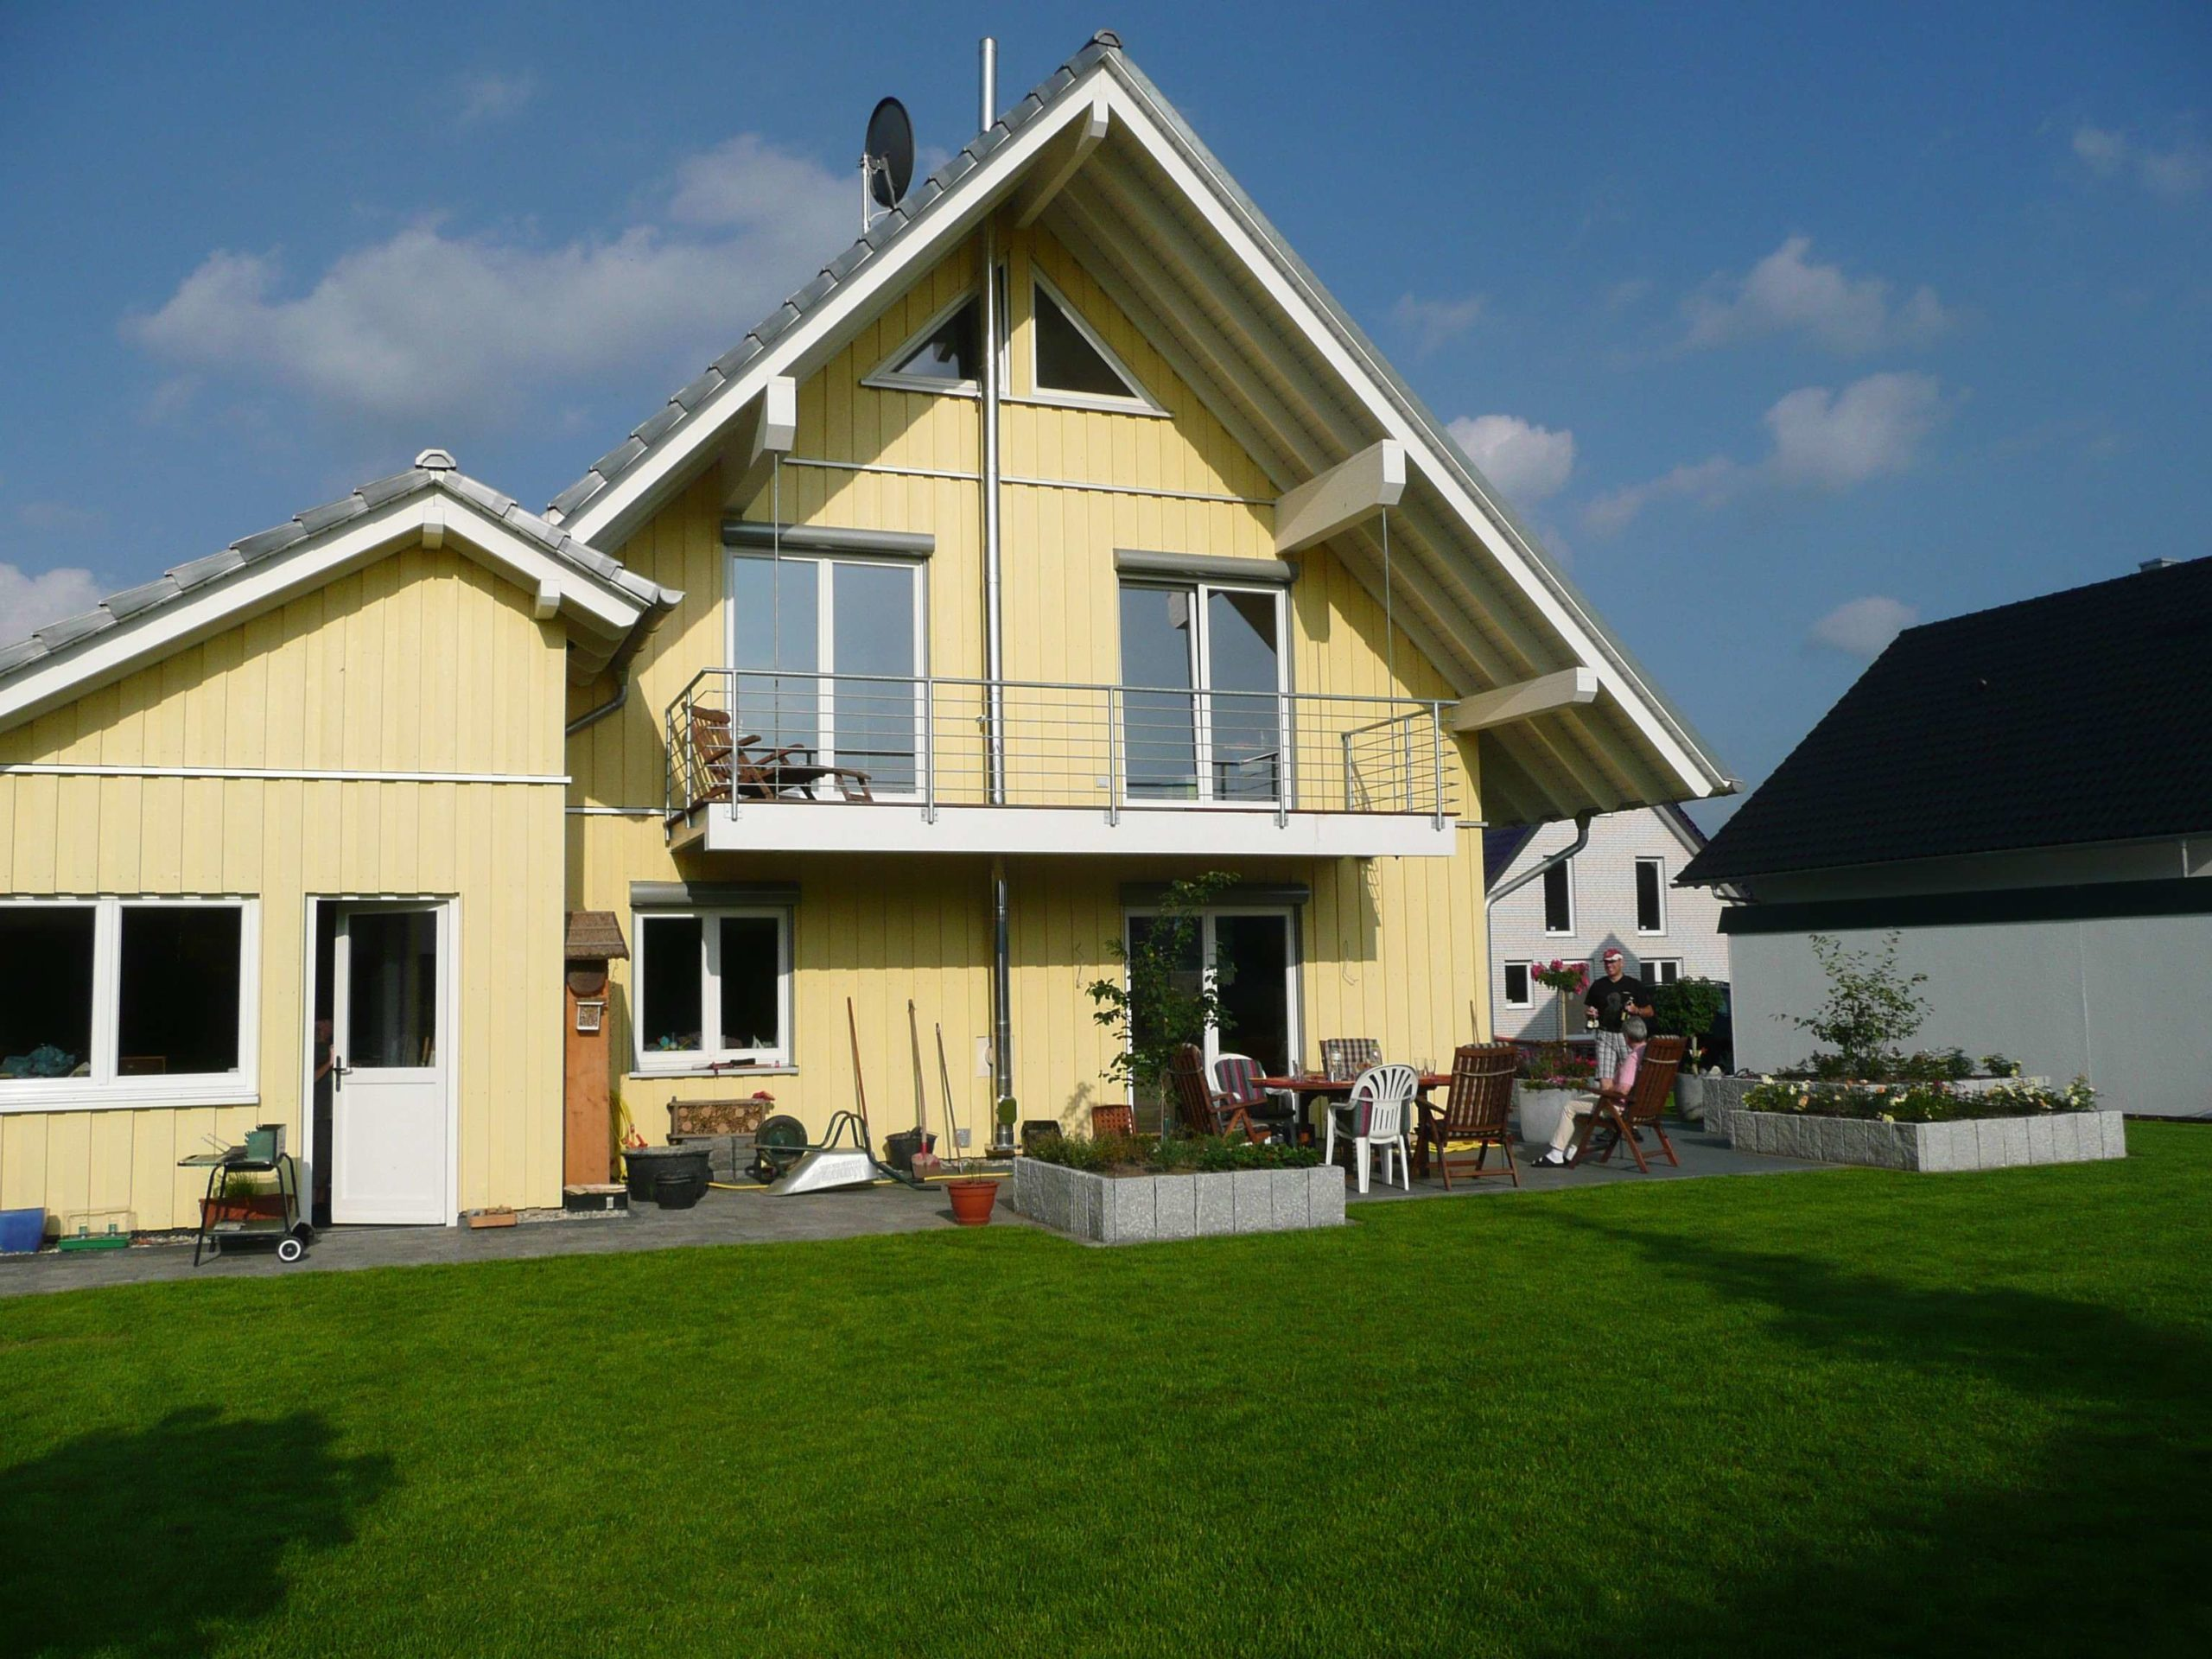 Holzhaus, aufgehängter Balkon, Balkonüberdachung, Holzfassade